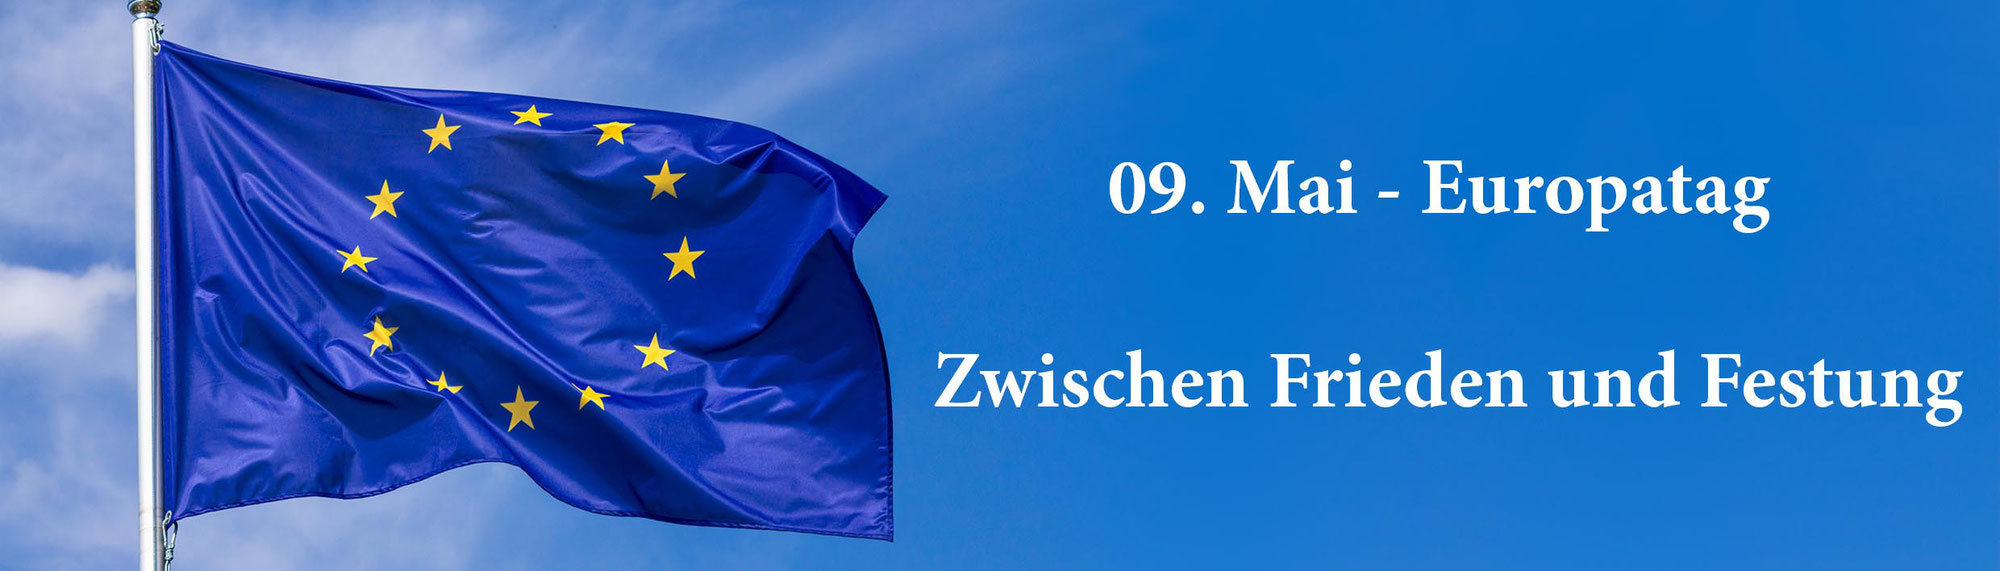 09. Mai: Europatag – Zwischen Frieden und Festung